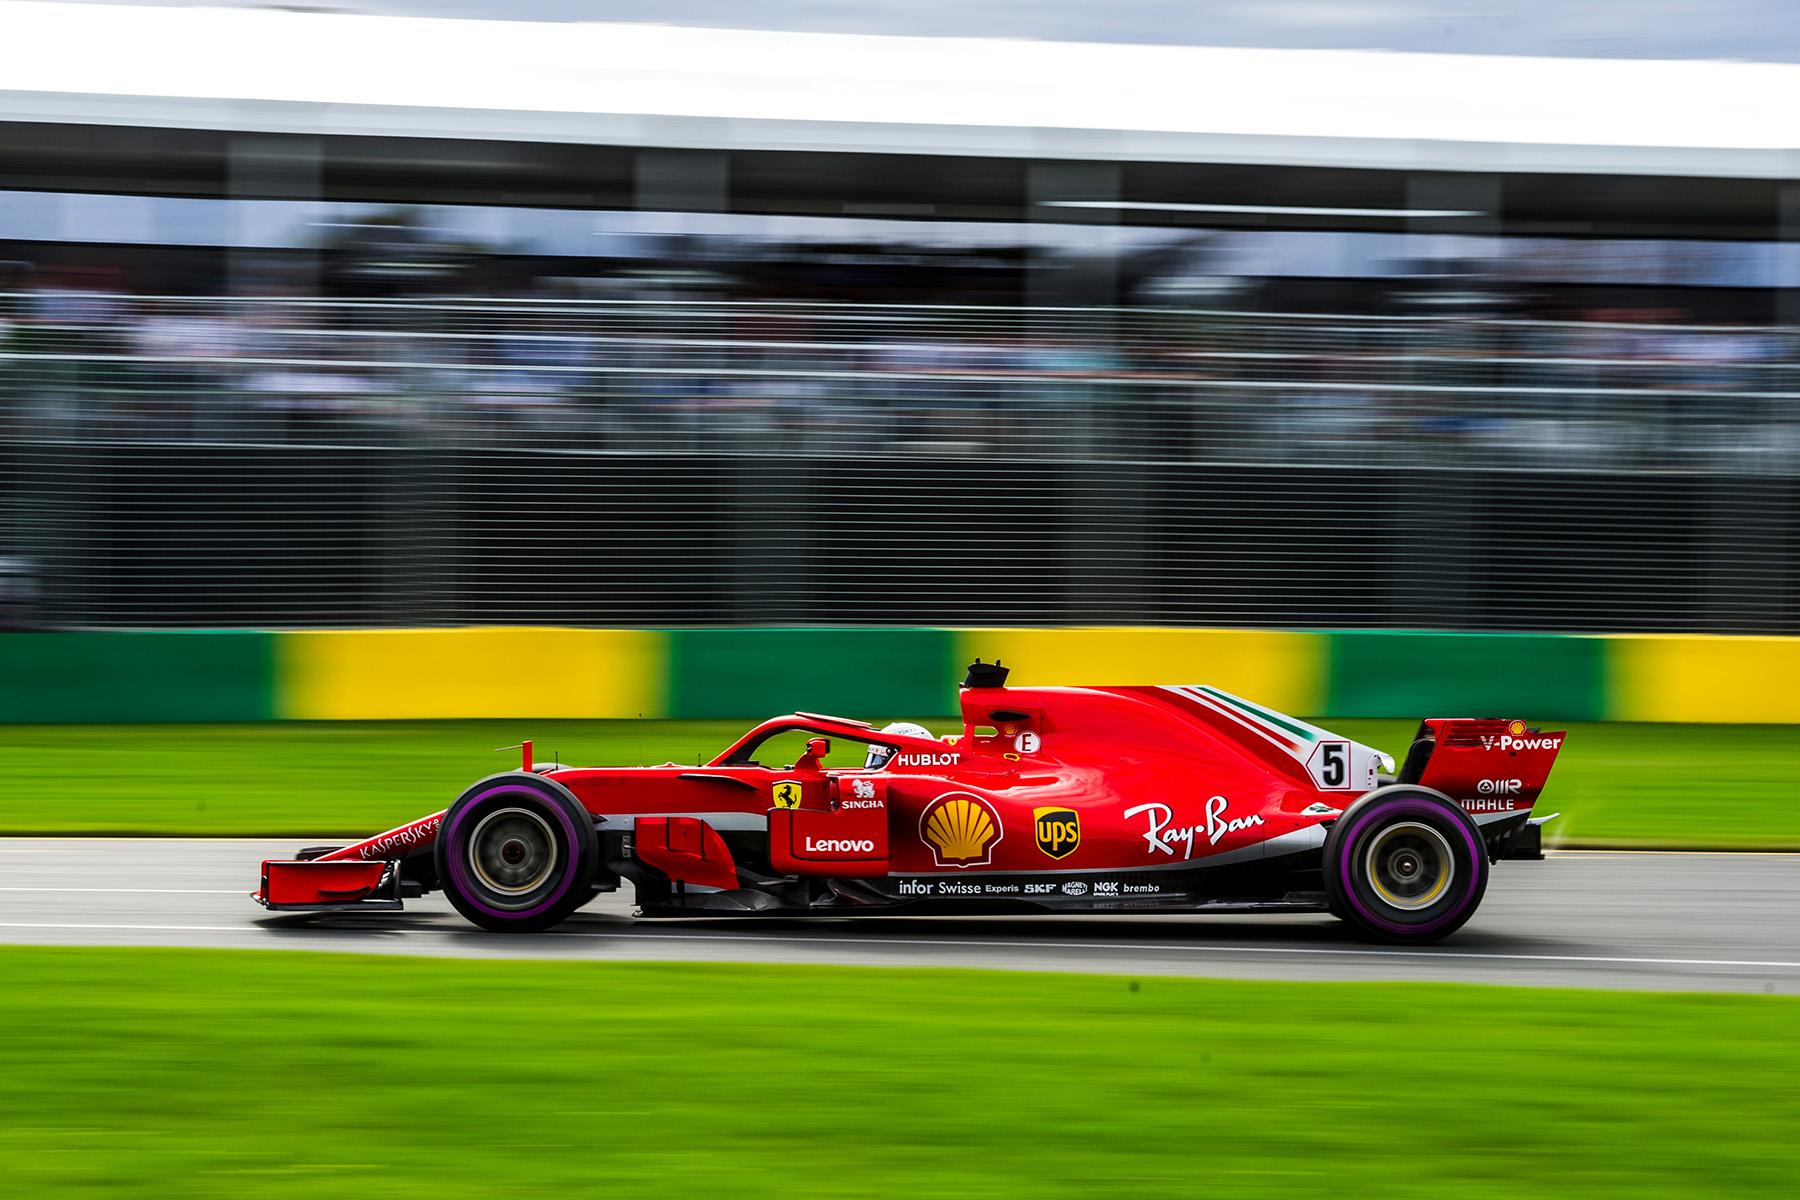 Sebastian Vettel on track at the Australian Grand Prix.